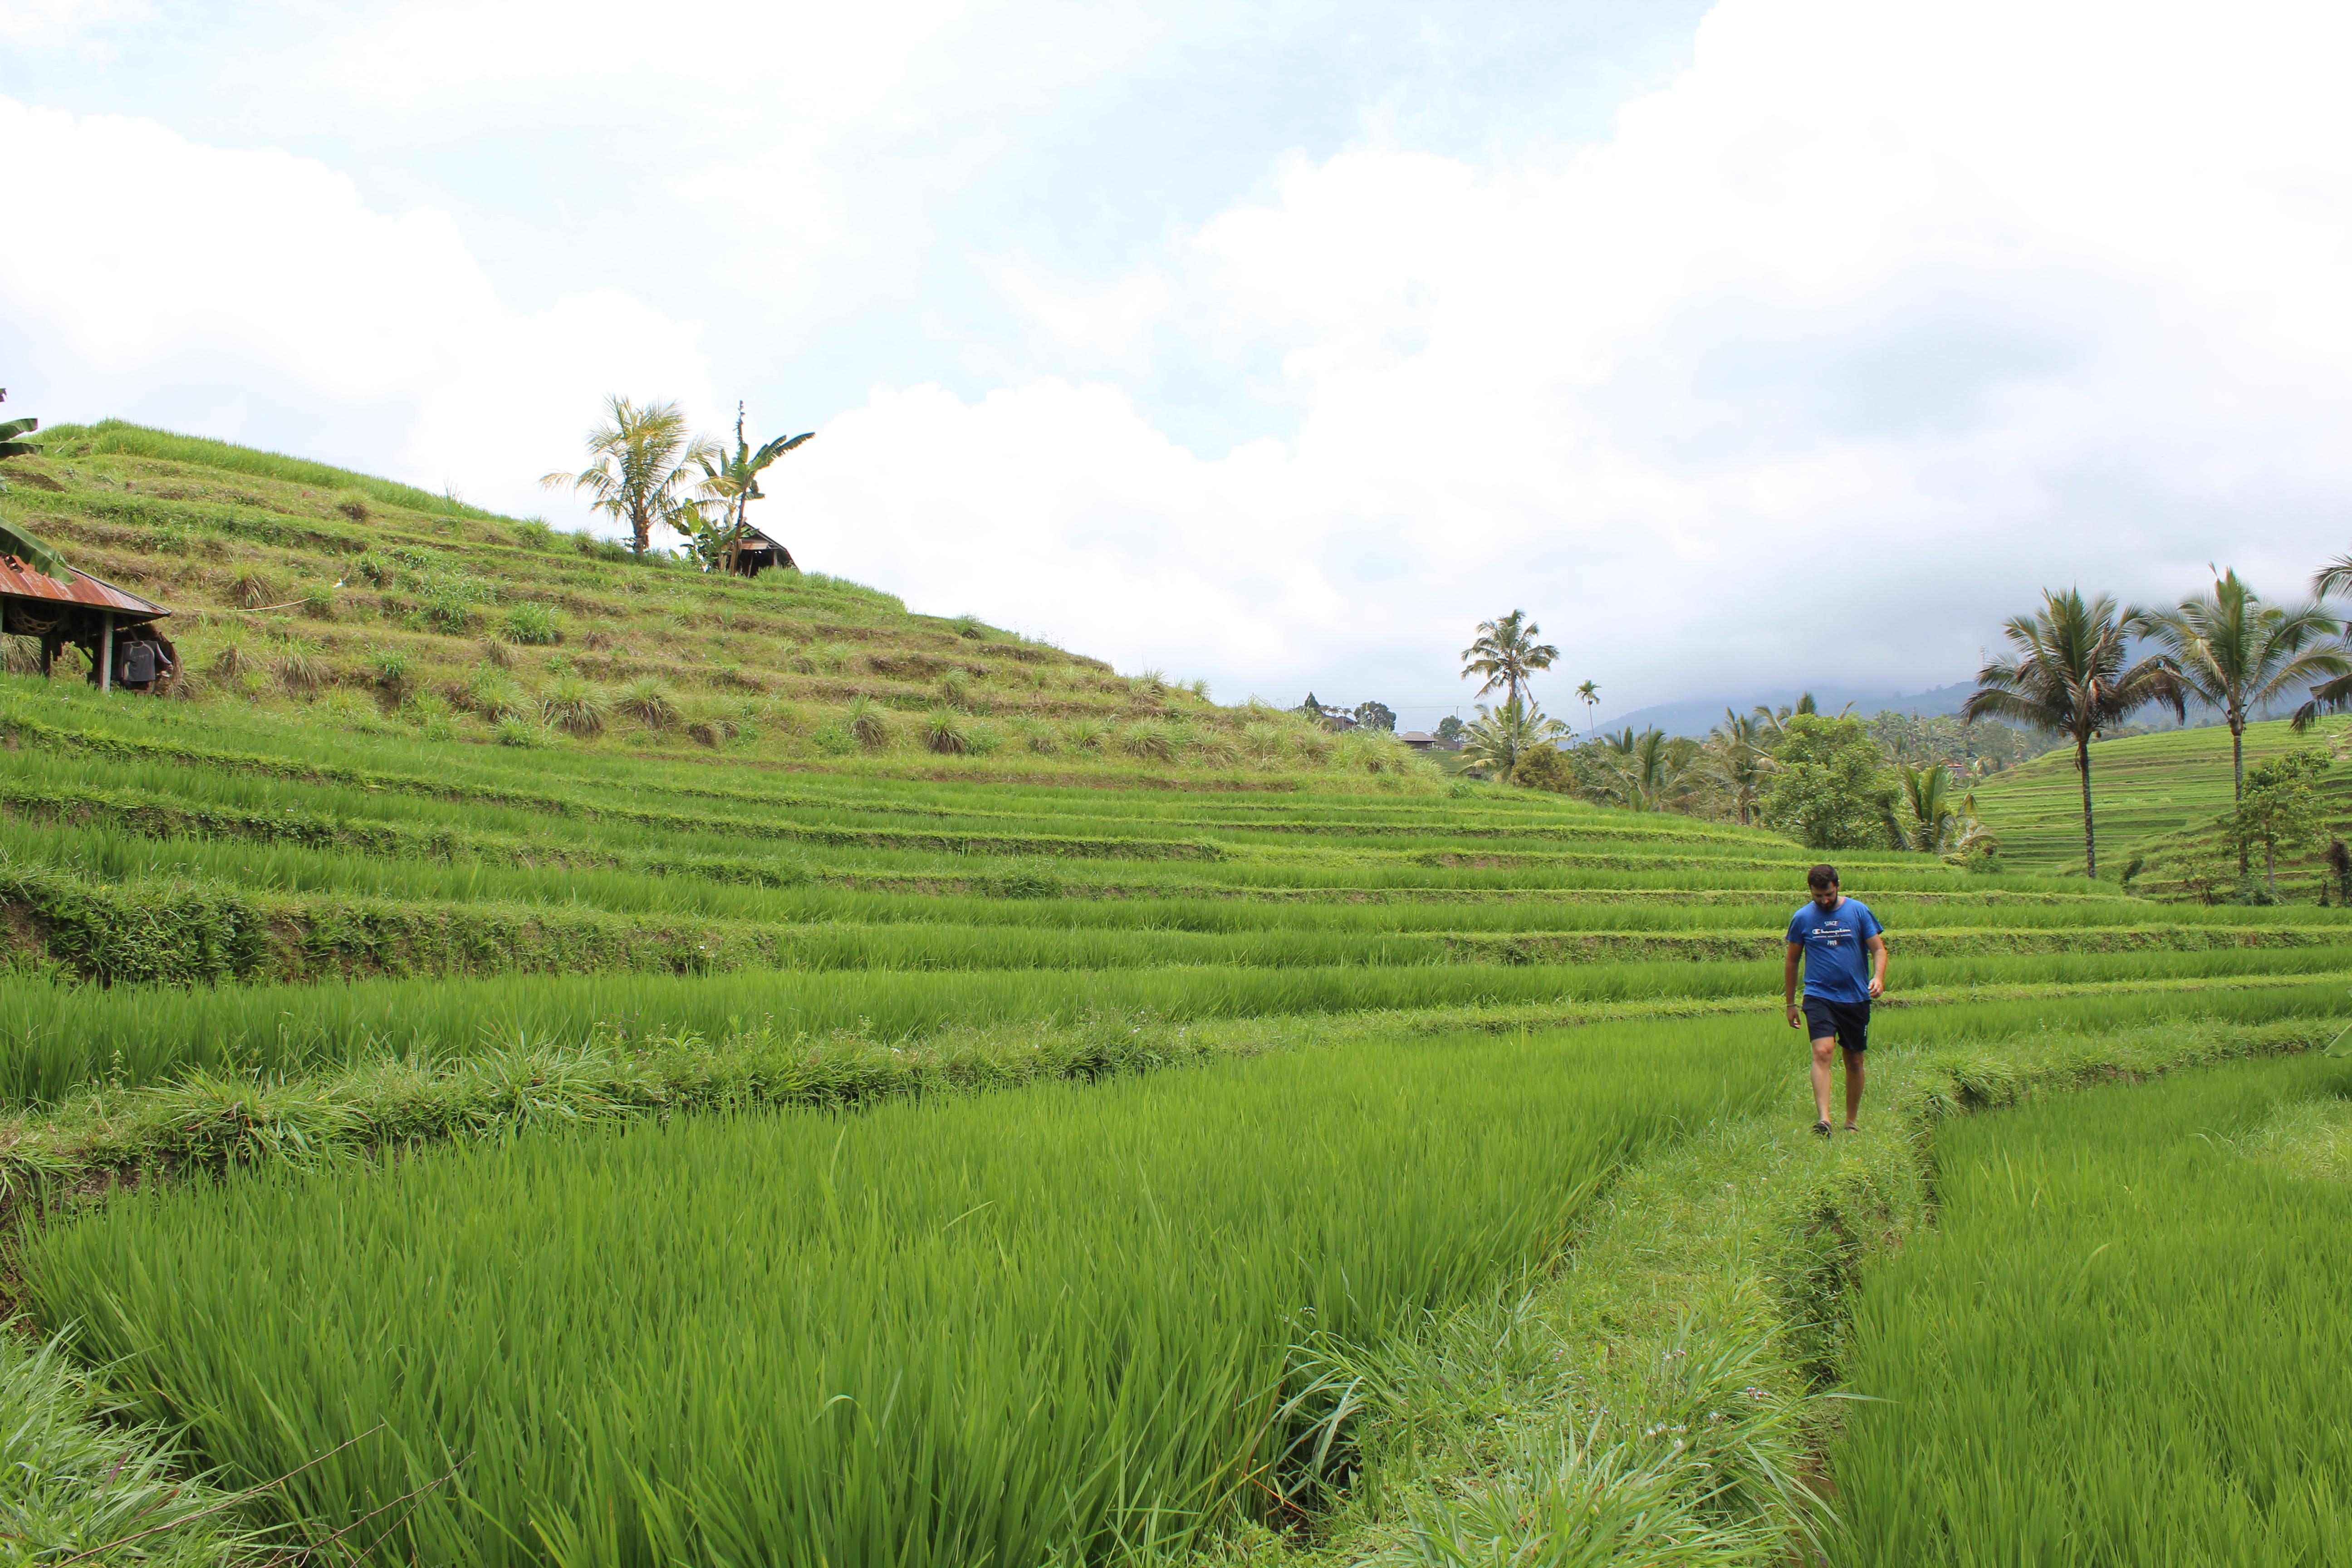 Los arrozales de Jatiluwih